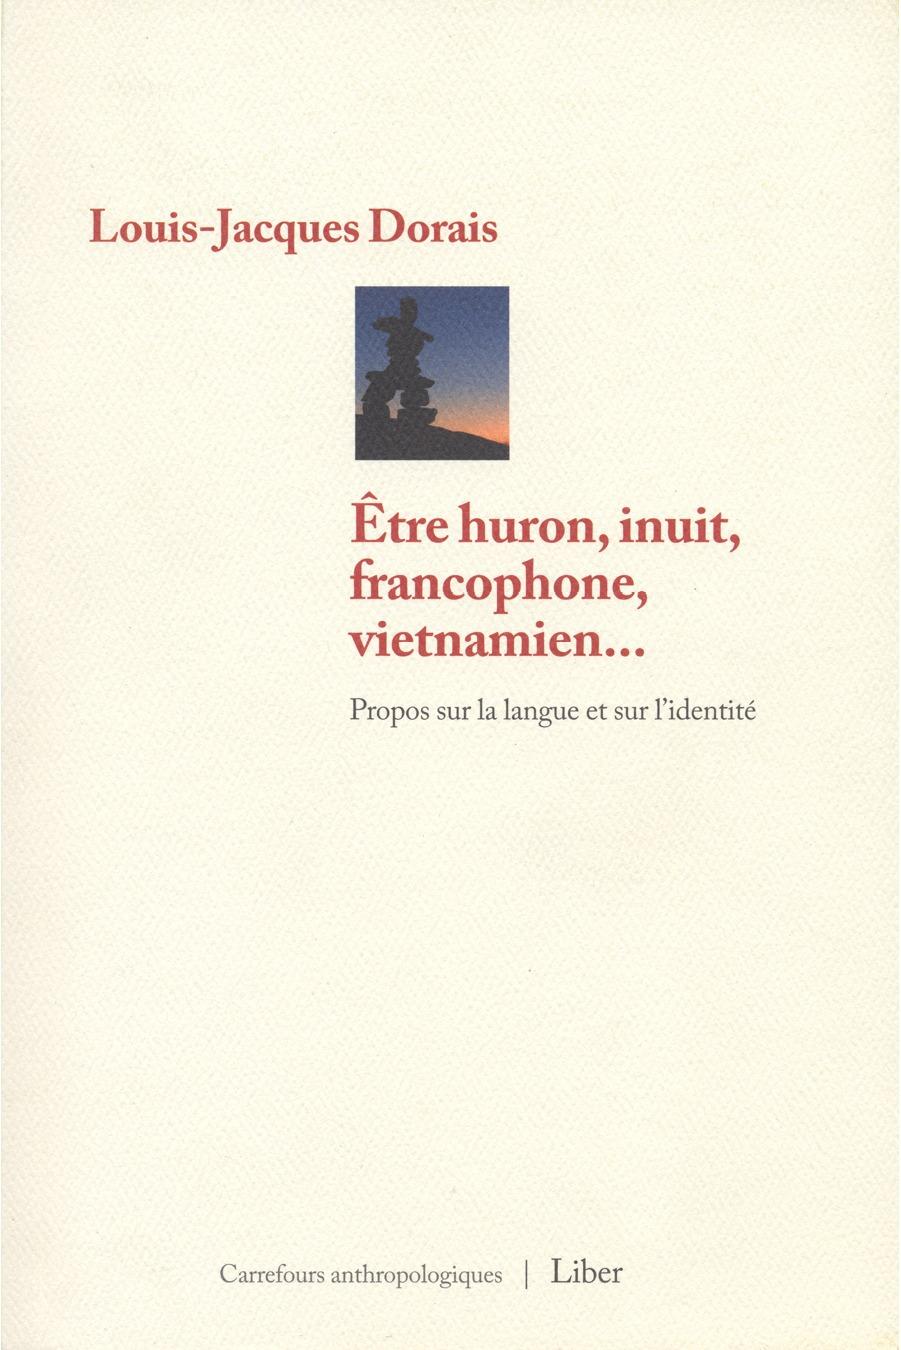 Être huron, inuit, francophone, vietnamien...